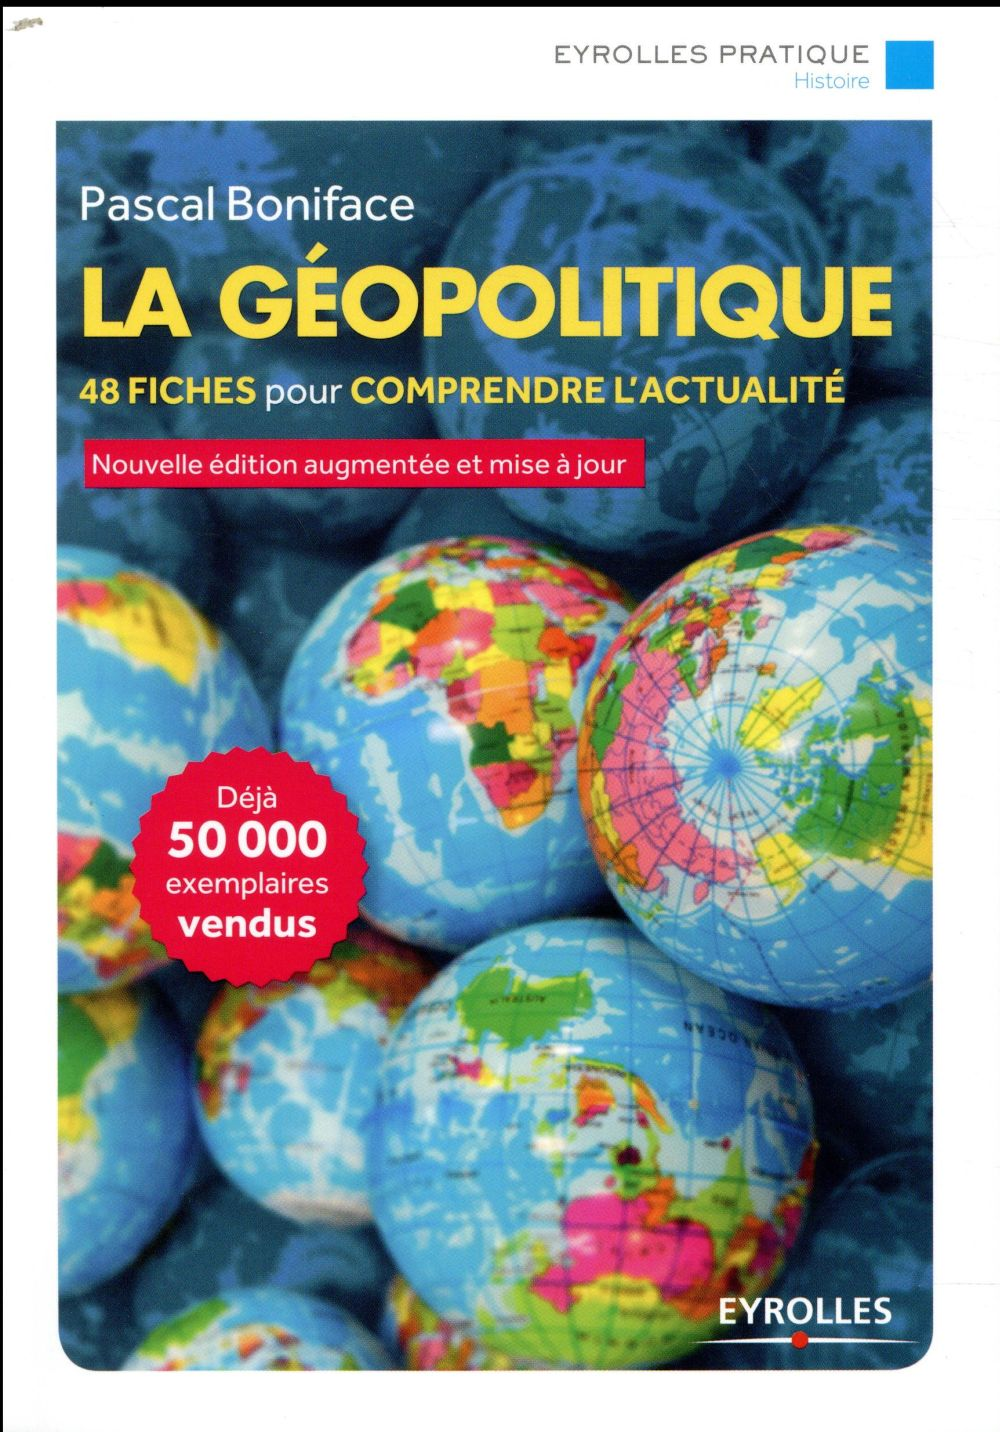 La géopolitique (5e édition)